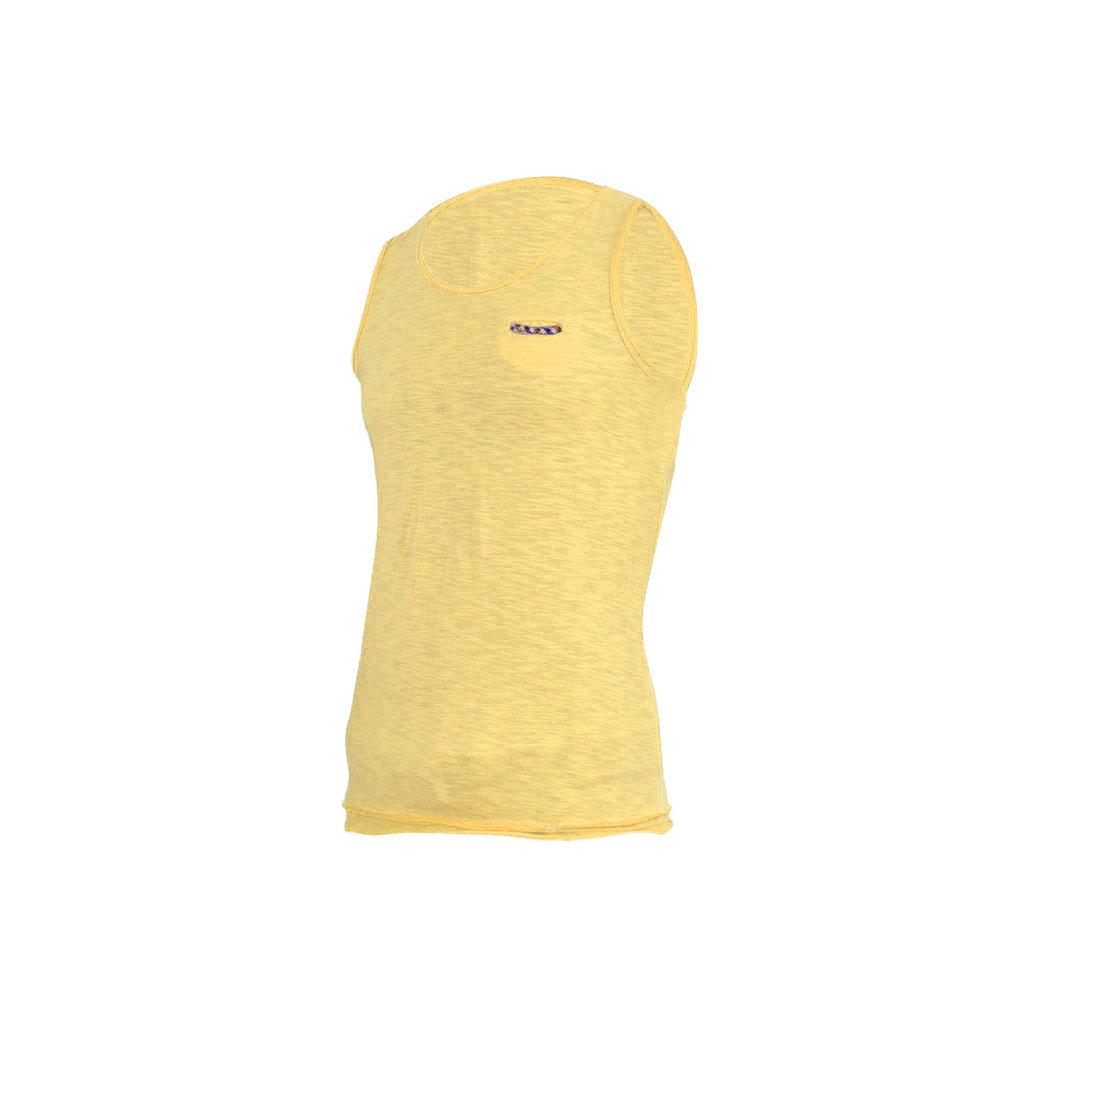 Men's Stylish Light Yellow Sleeveless Pullover Straight Tank Top S